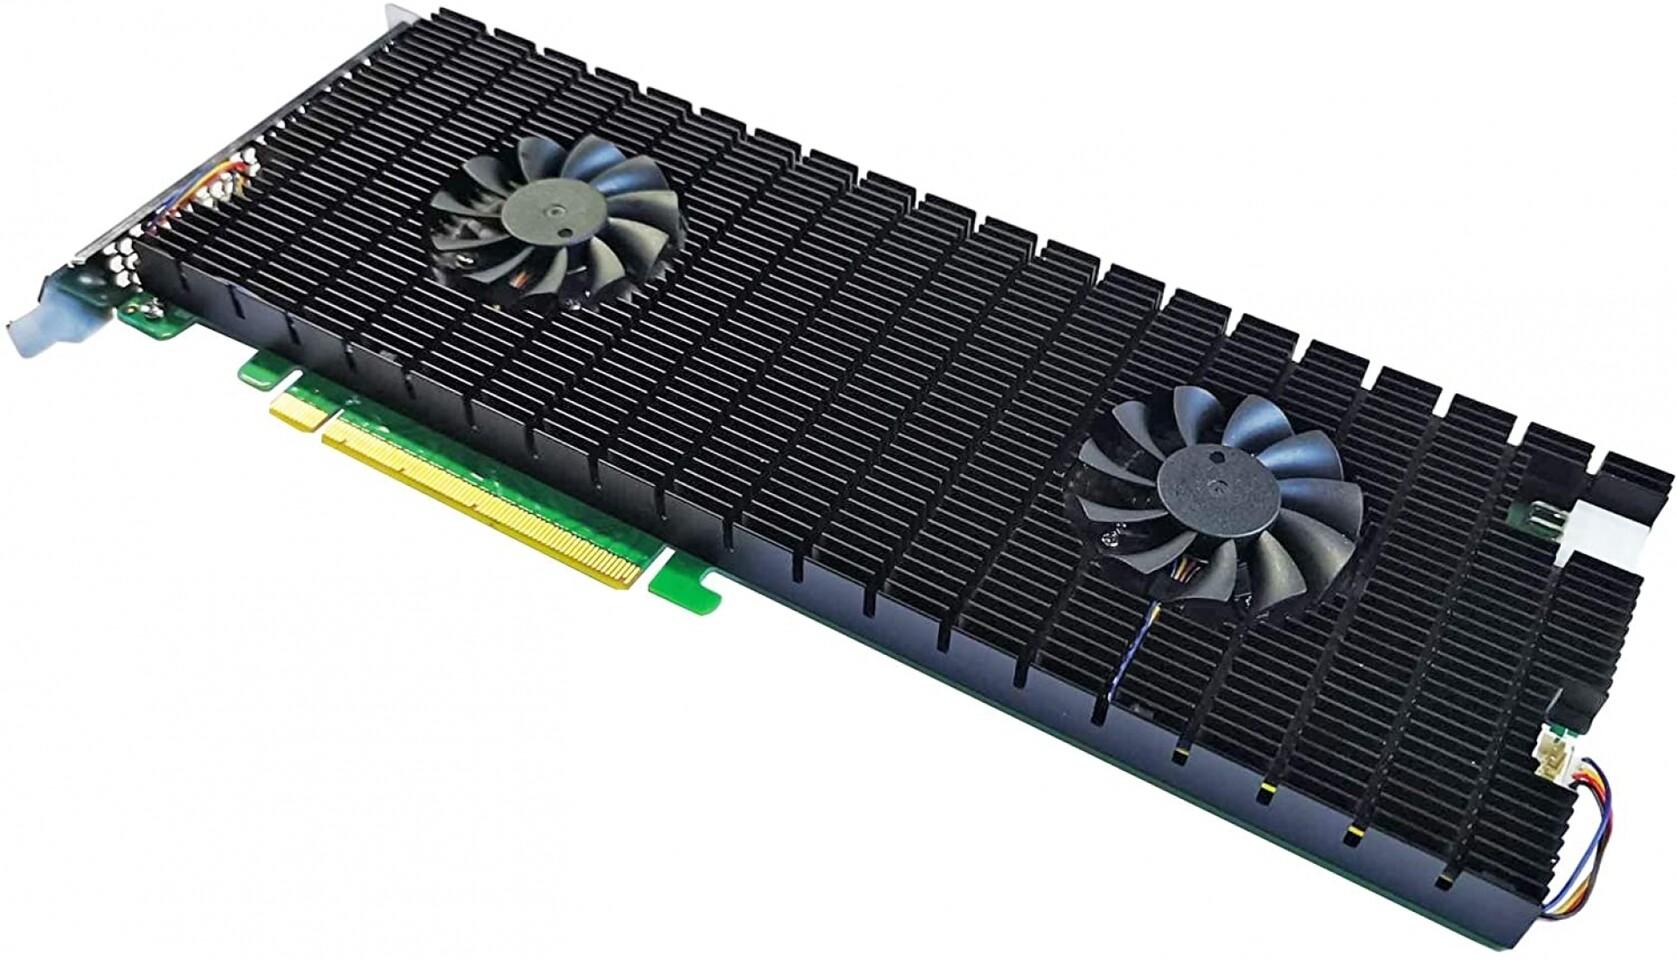 На подходе 64-терабайтный накопитель Sabrent RocketQ Battleship с интерфейсом PCI-E 4.0 x16